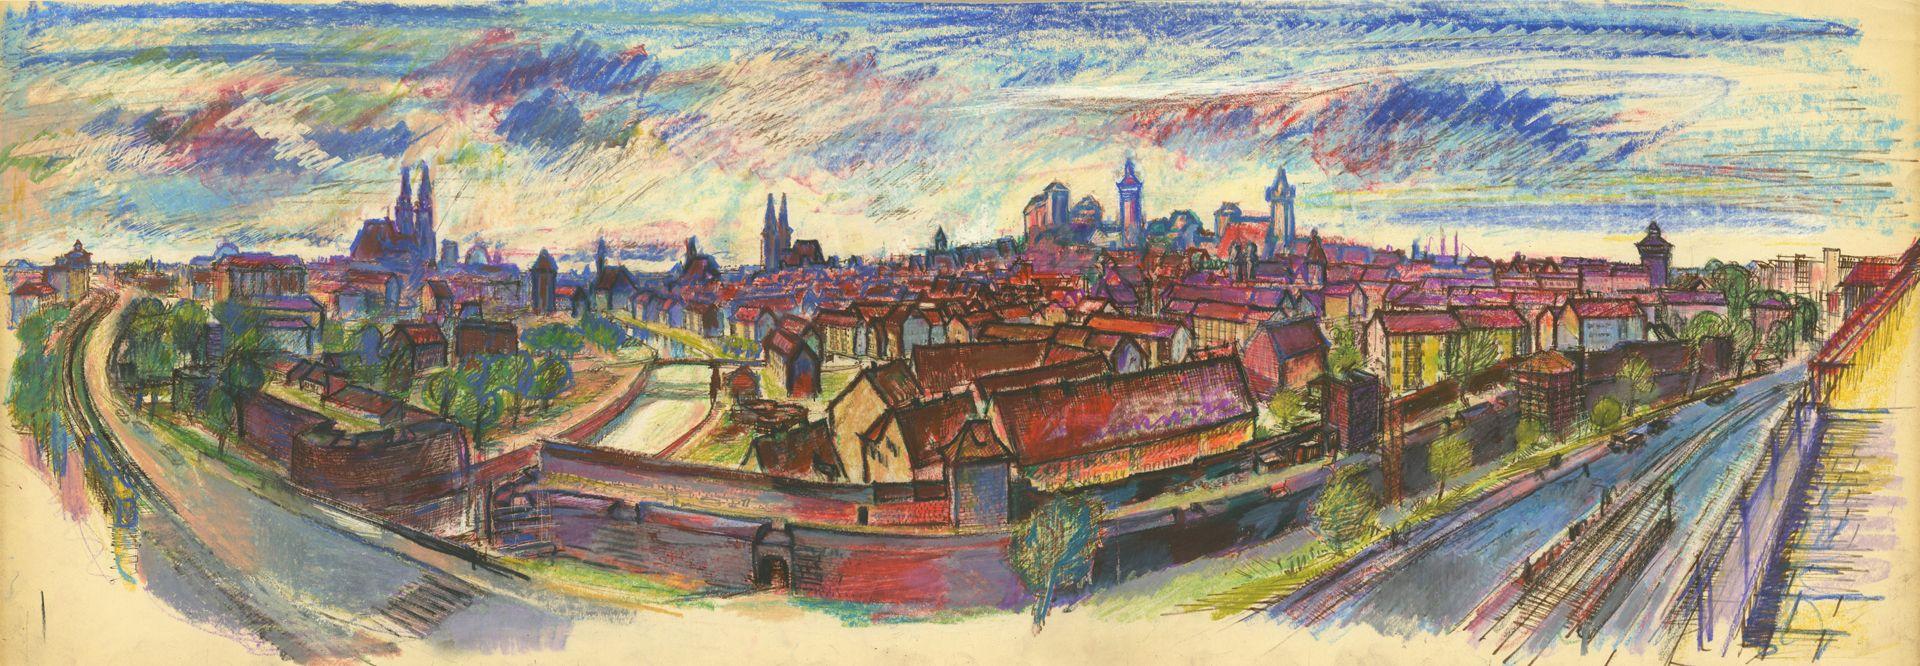 Panoramablick vom Laufertorgraben auf die Nürnberger Altstadt Gesamtansicht